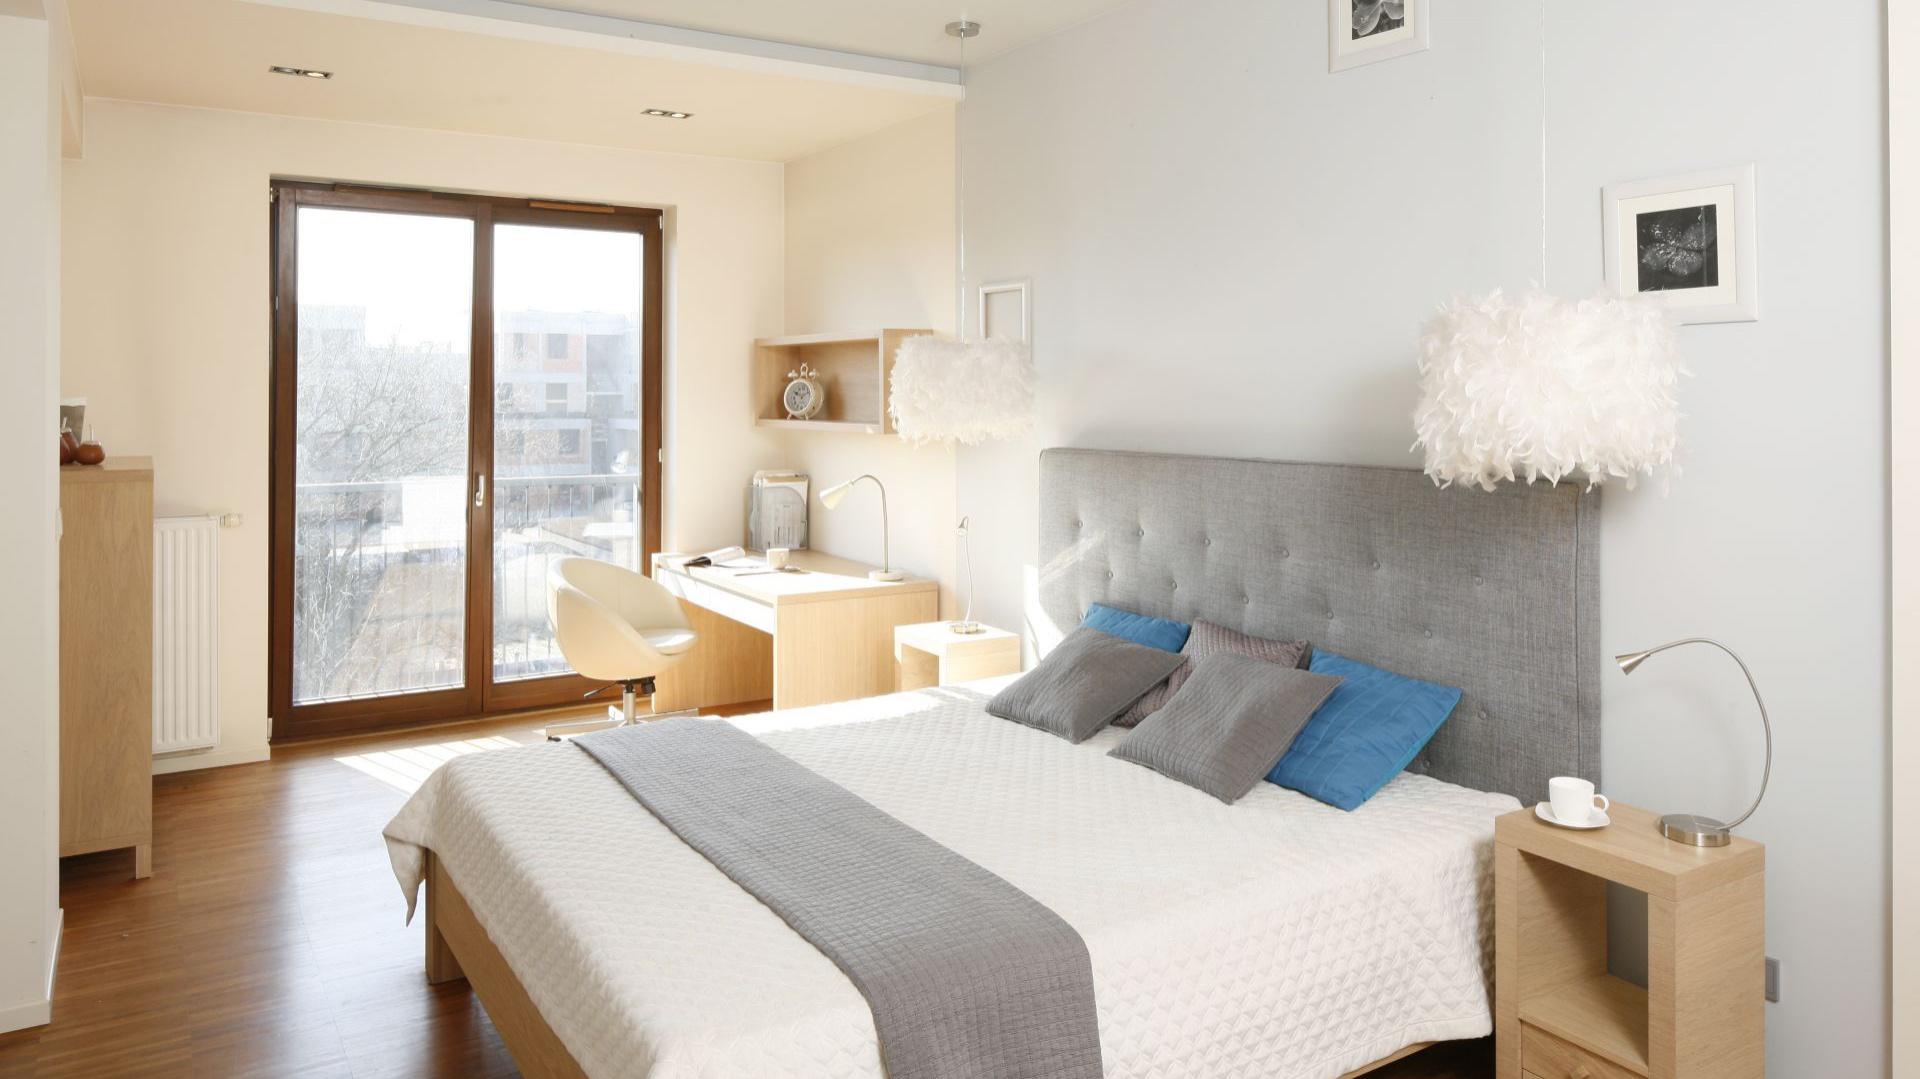 W sypialni połączonej z domowym biurem warto wyraźnie zaznaczyć granicę pomiędzy nimi. Tak, aby część sypialniana służyła wyłącznie do wypoczynku. Projekt: Marta Kruk. Fot. Bartosz Jarosz.